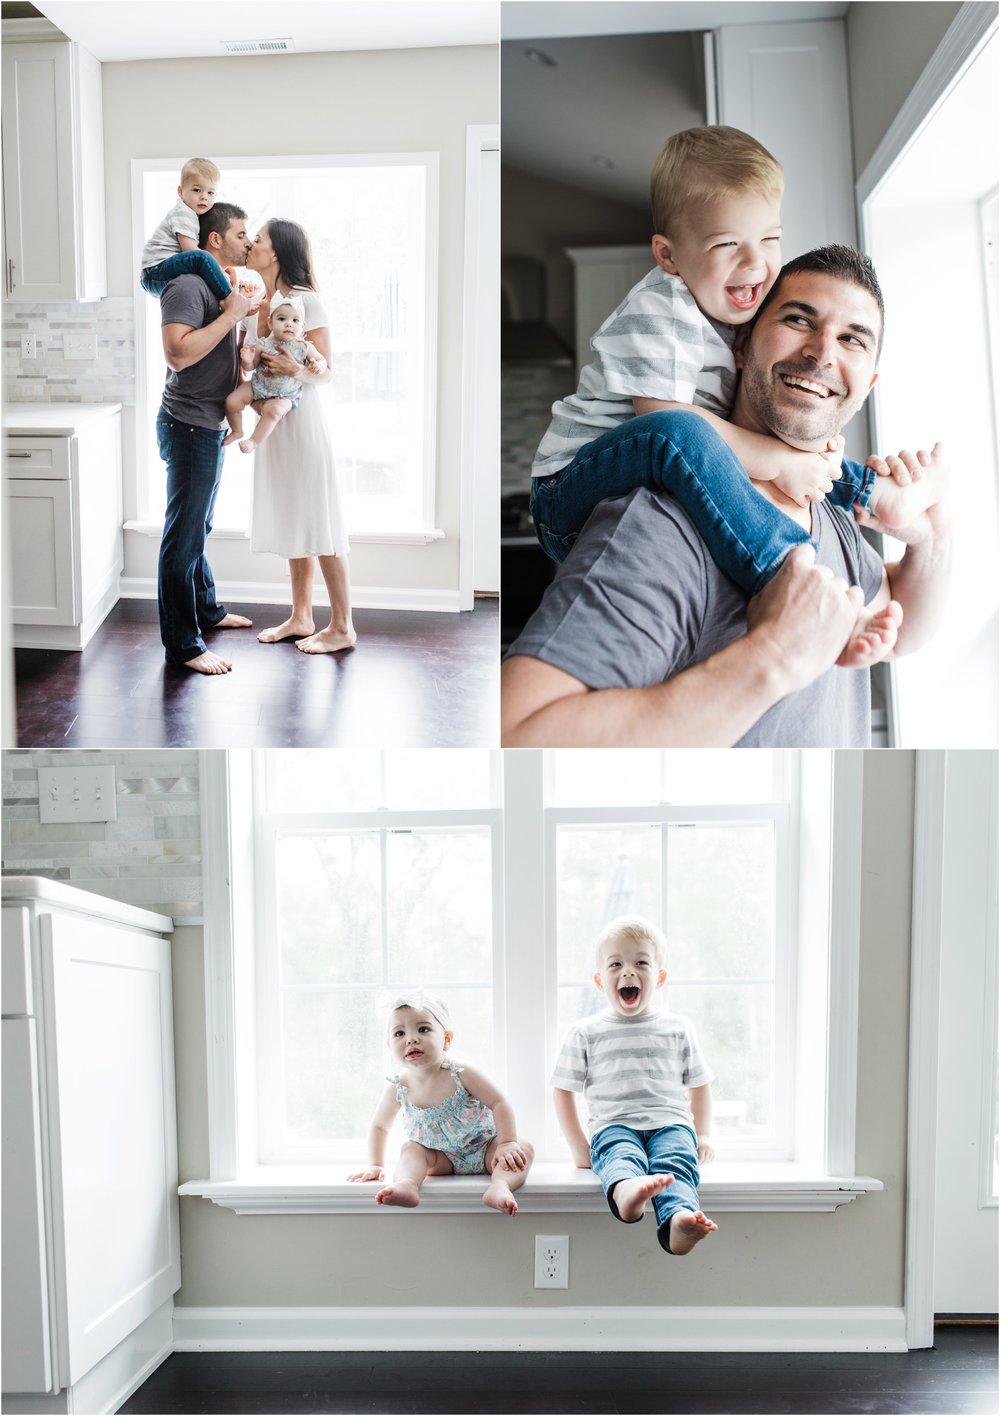 st louis photography_maternity_lauren muckler photography_film_st louis film photographer_0785.jpg